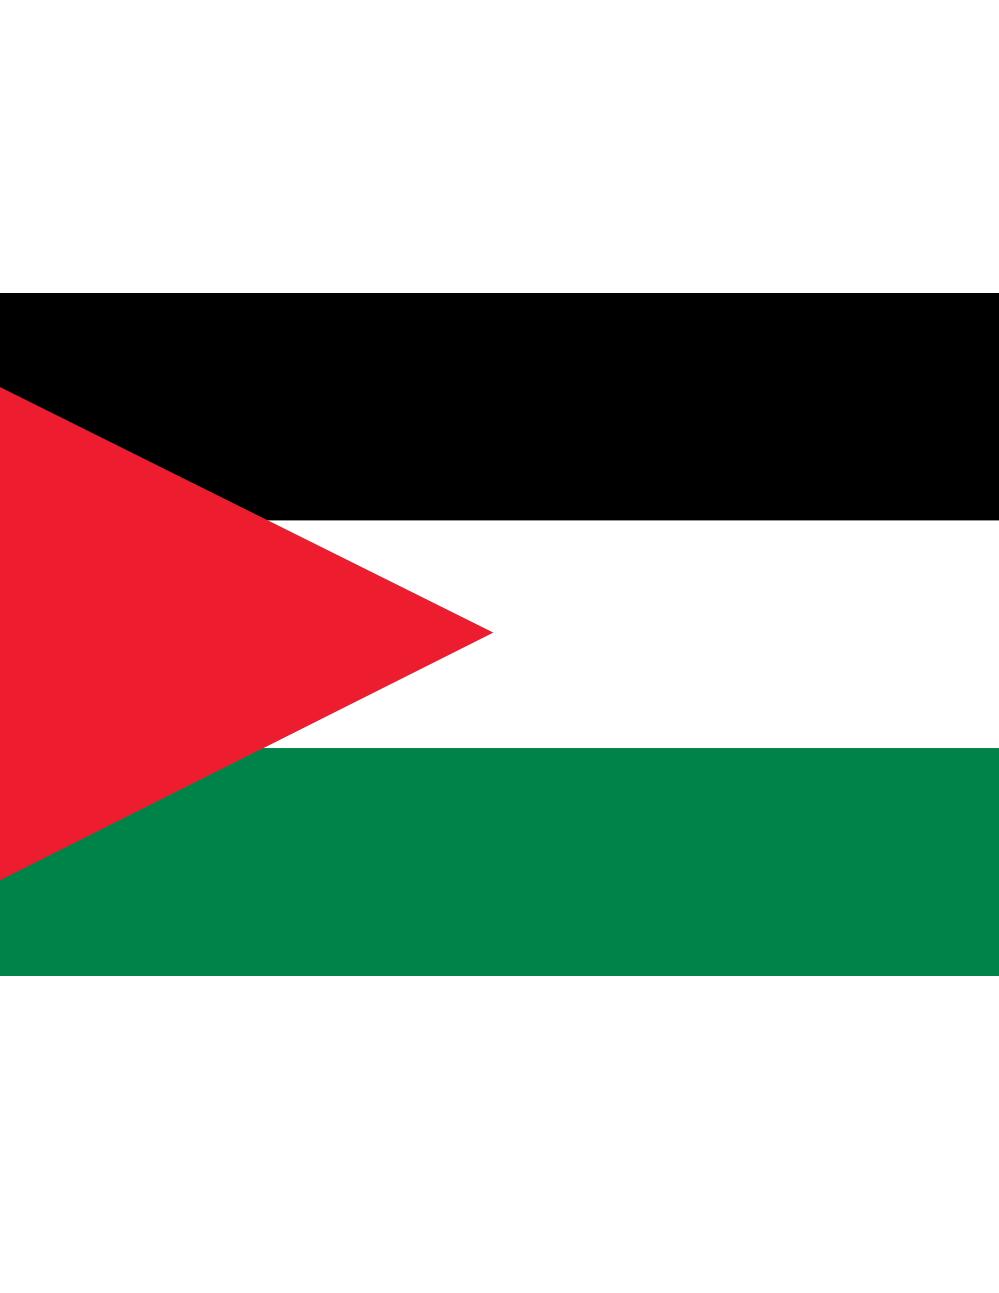 Palestine flag clipart.